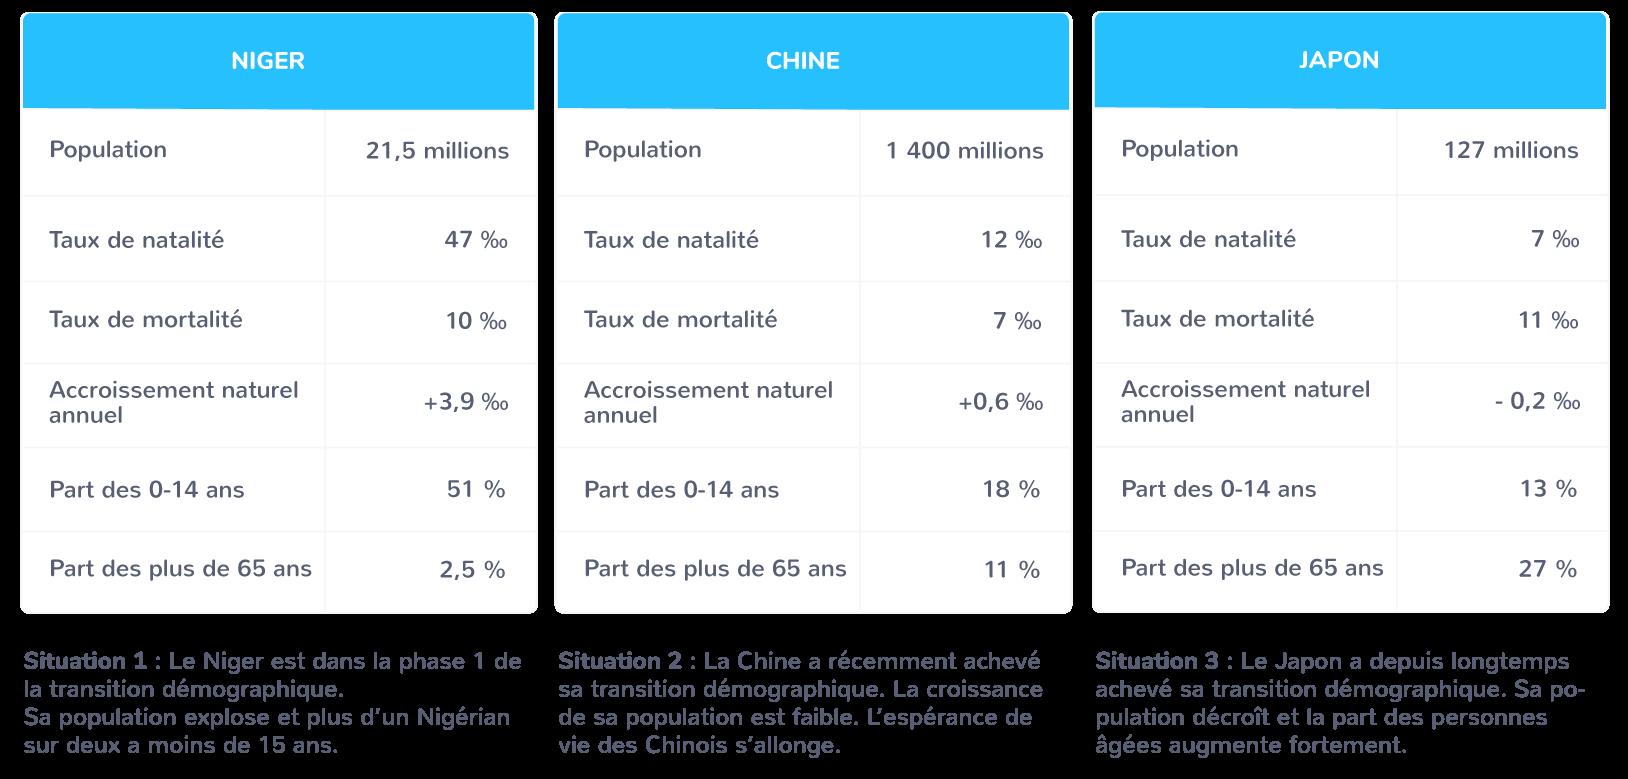 Trois situations démographiques différenciées